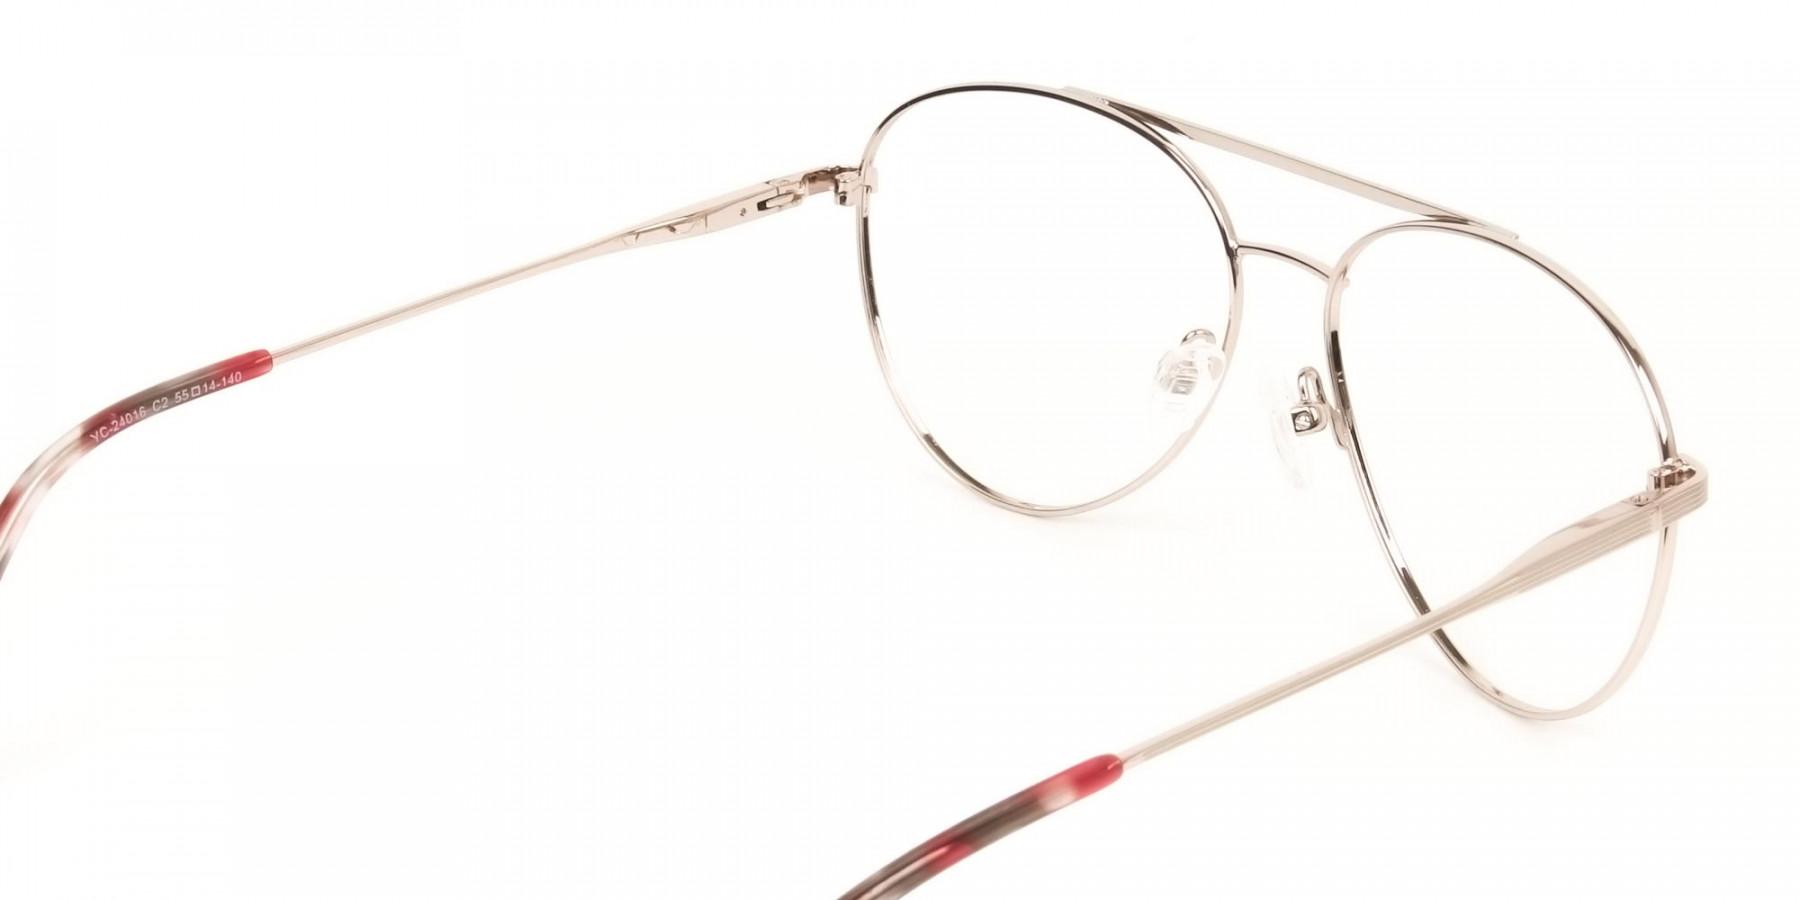 Red & Gold Flat Bridge Aviator Glasses in Metal - 1